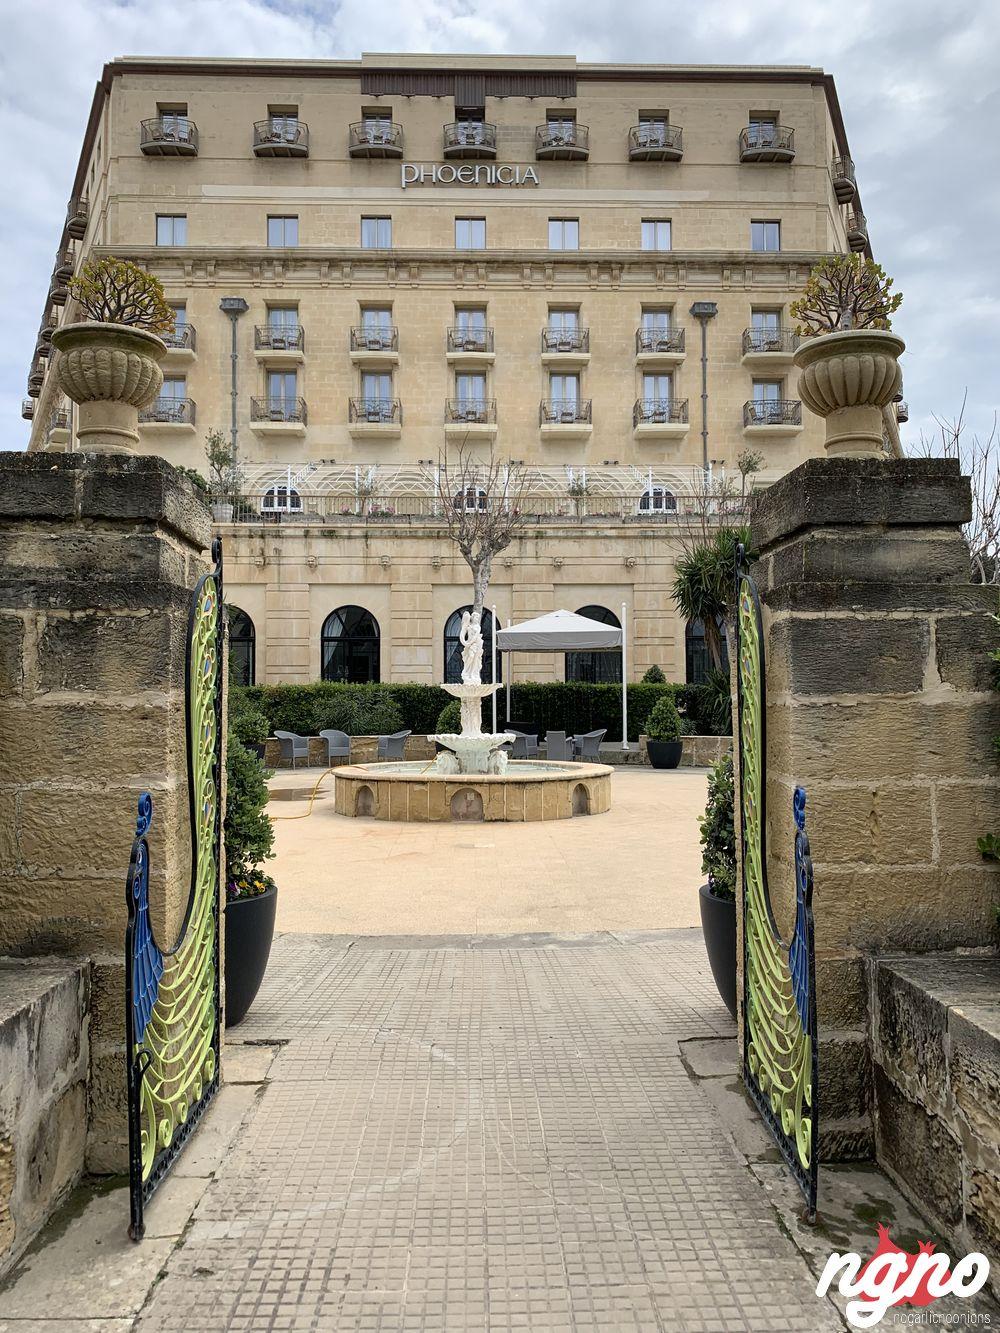 phoenicia-hotel-malta-nogarlicnoonions-2422019-04-14-08-52-26